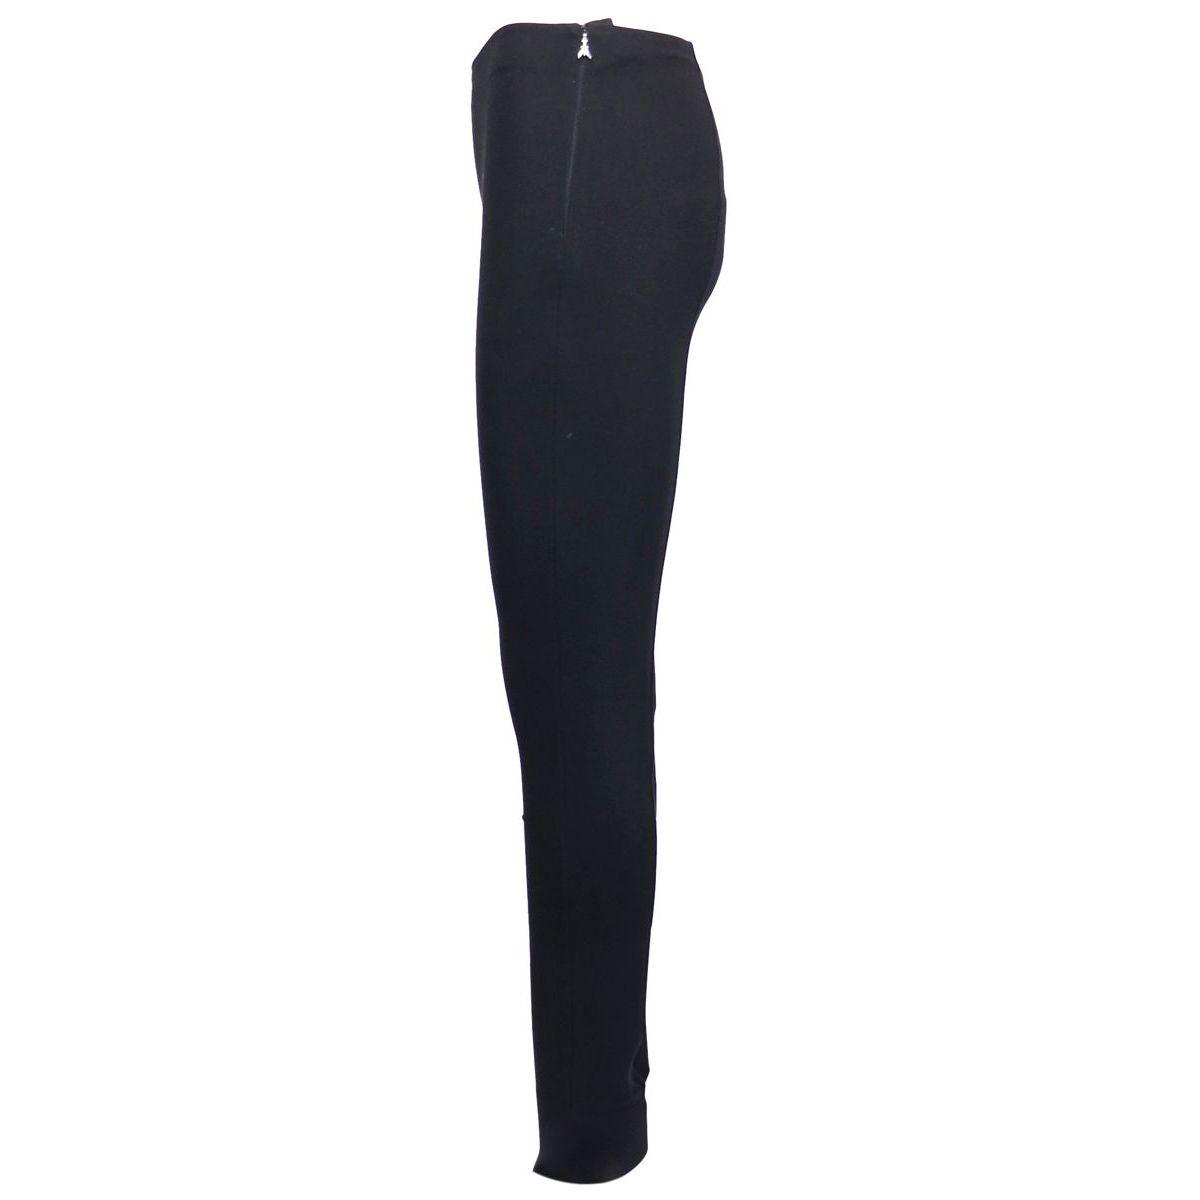 Pantalon skinny en viscose mélangée taille haute avec fentes sur le bas Noir Patrizia Pepe